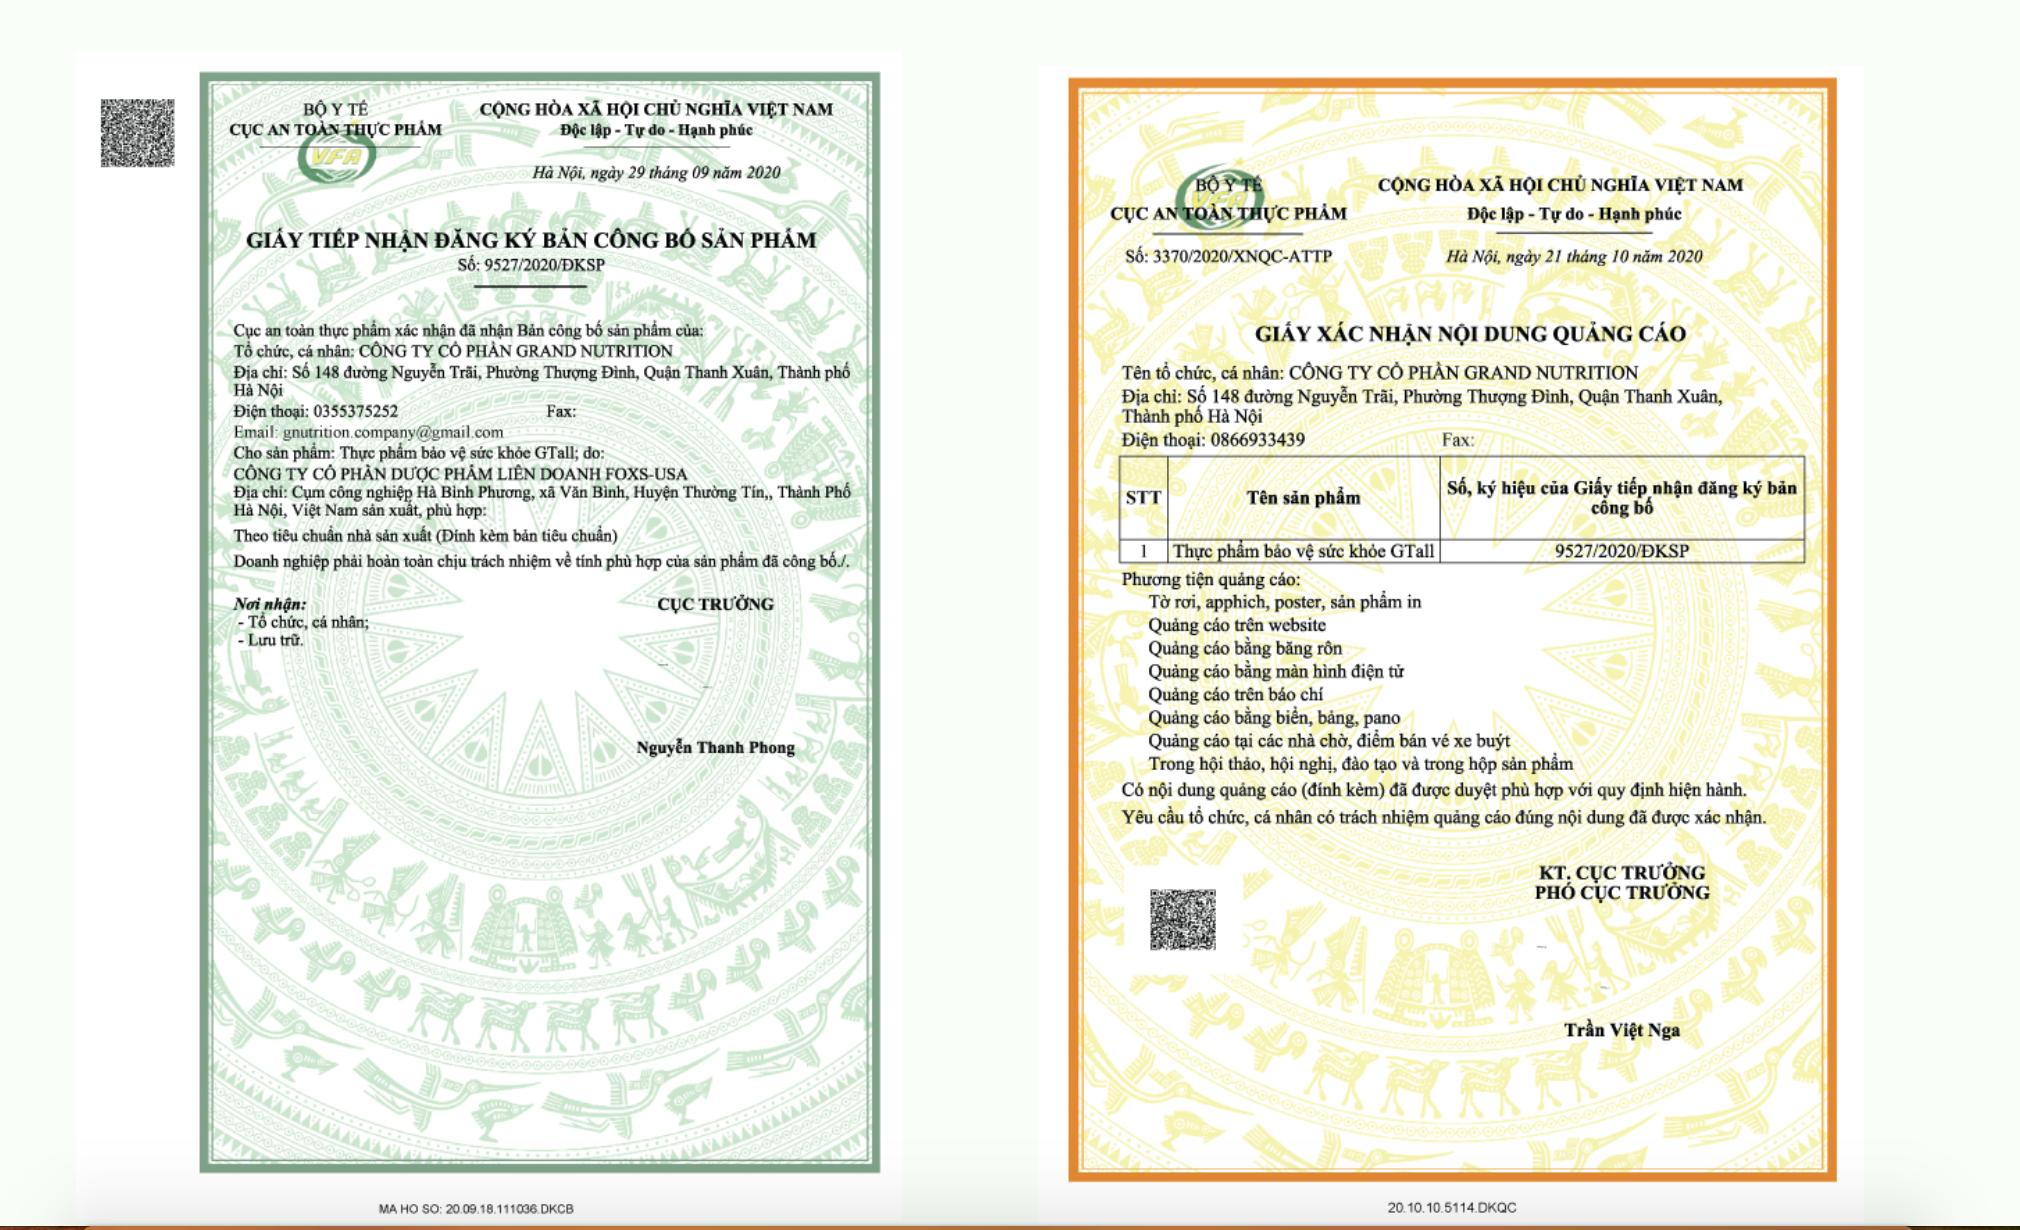 giấy tờ pháp lý của G tall